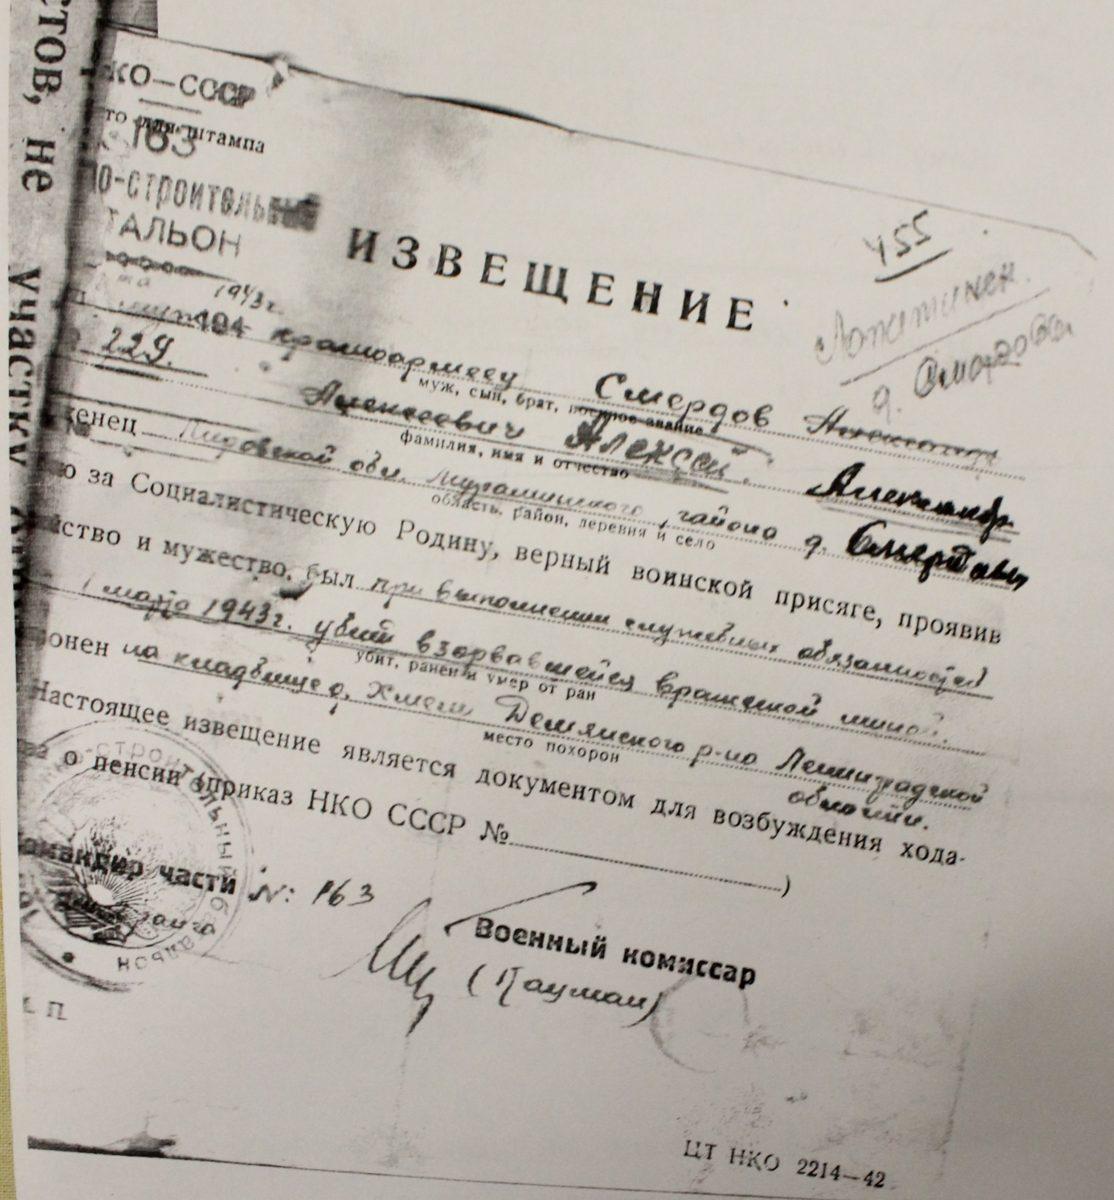 Извещение о гибели Смердова Алексея Александровича